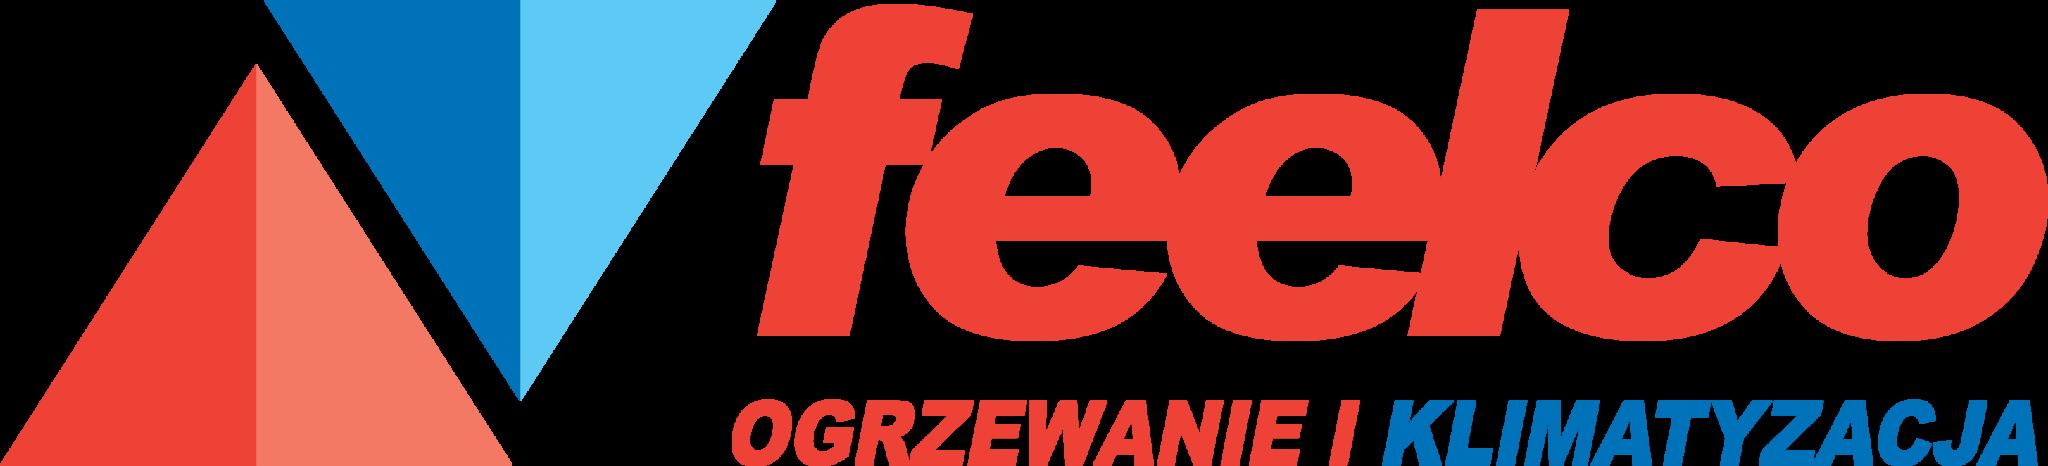 Feelco_logo